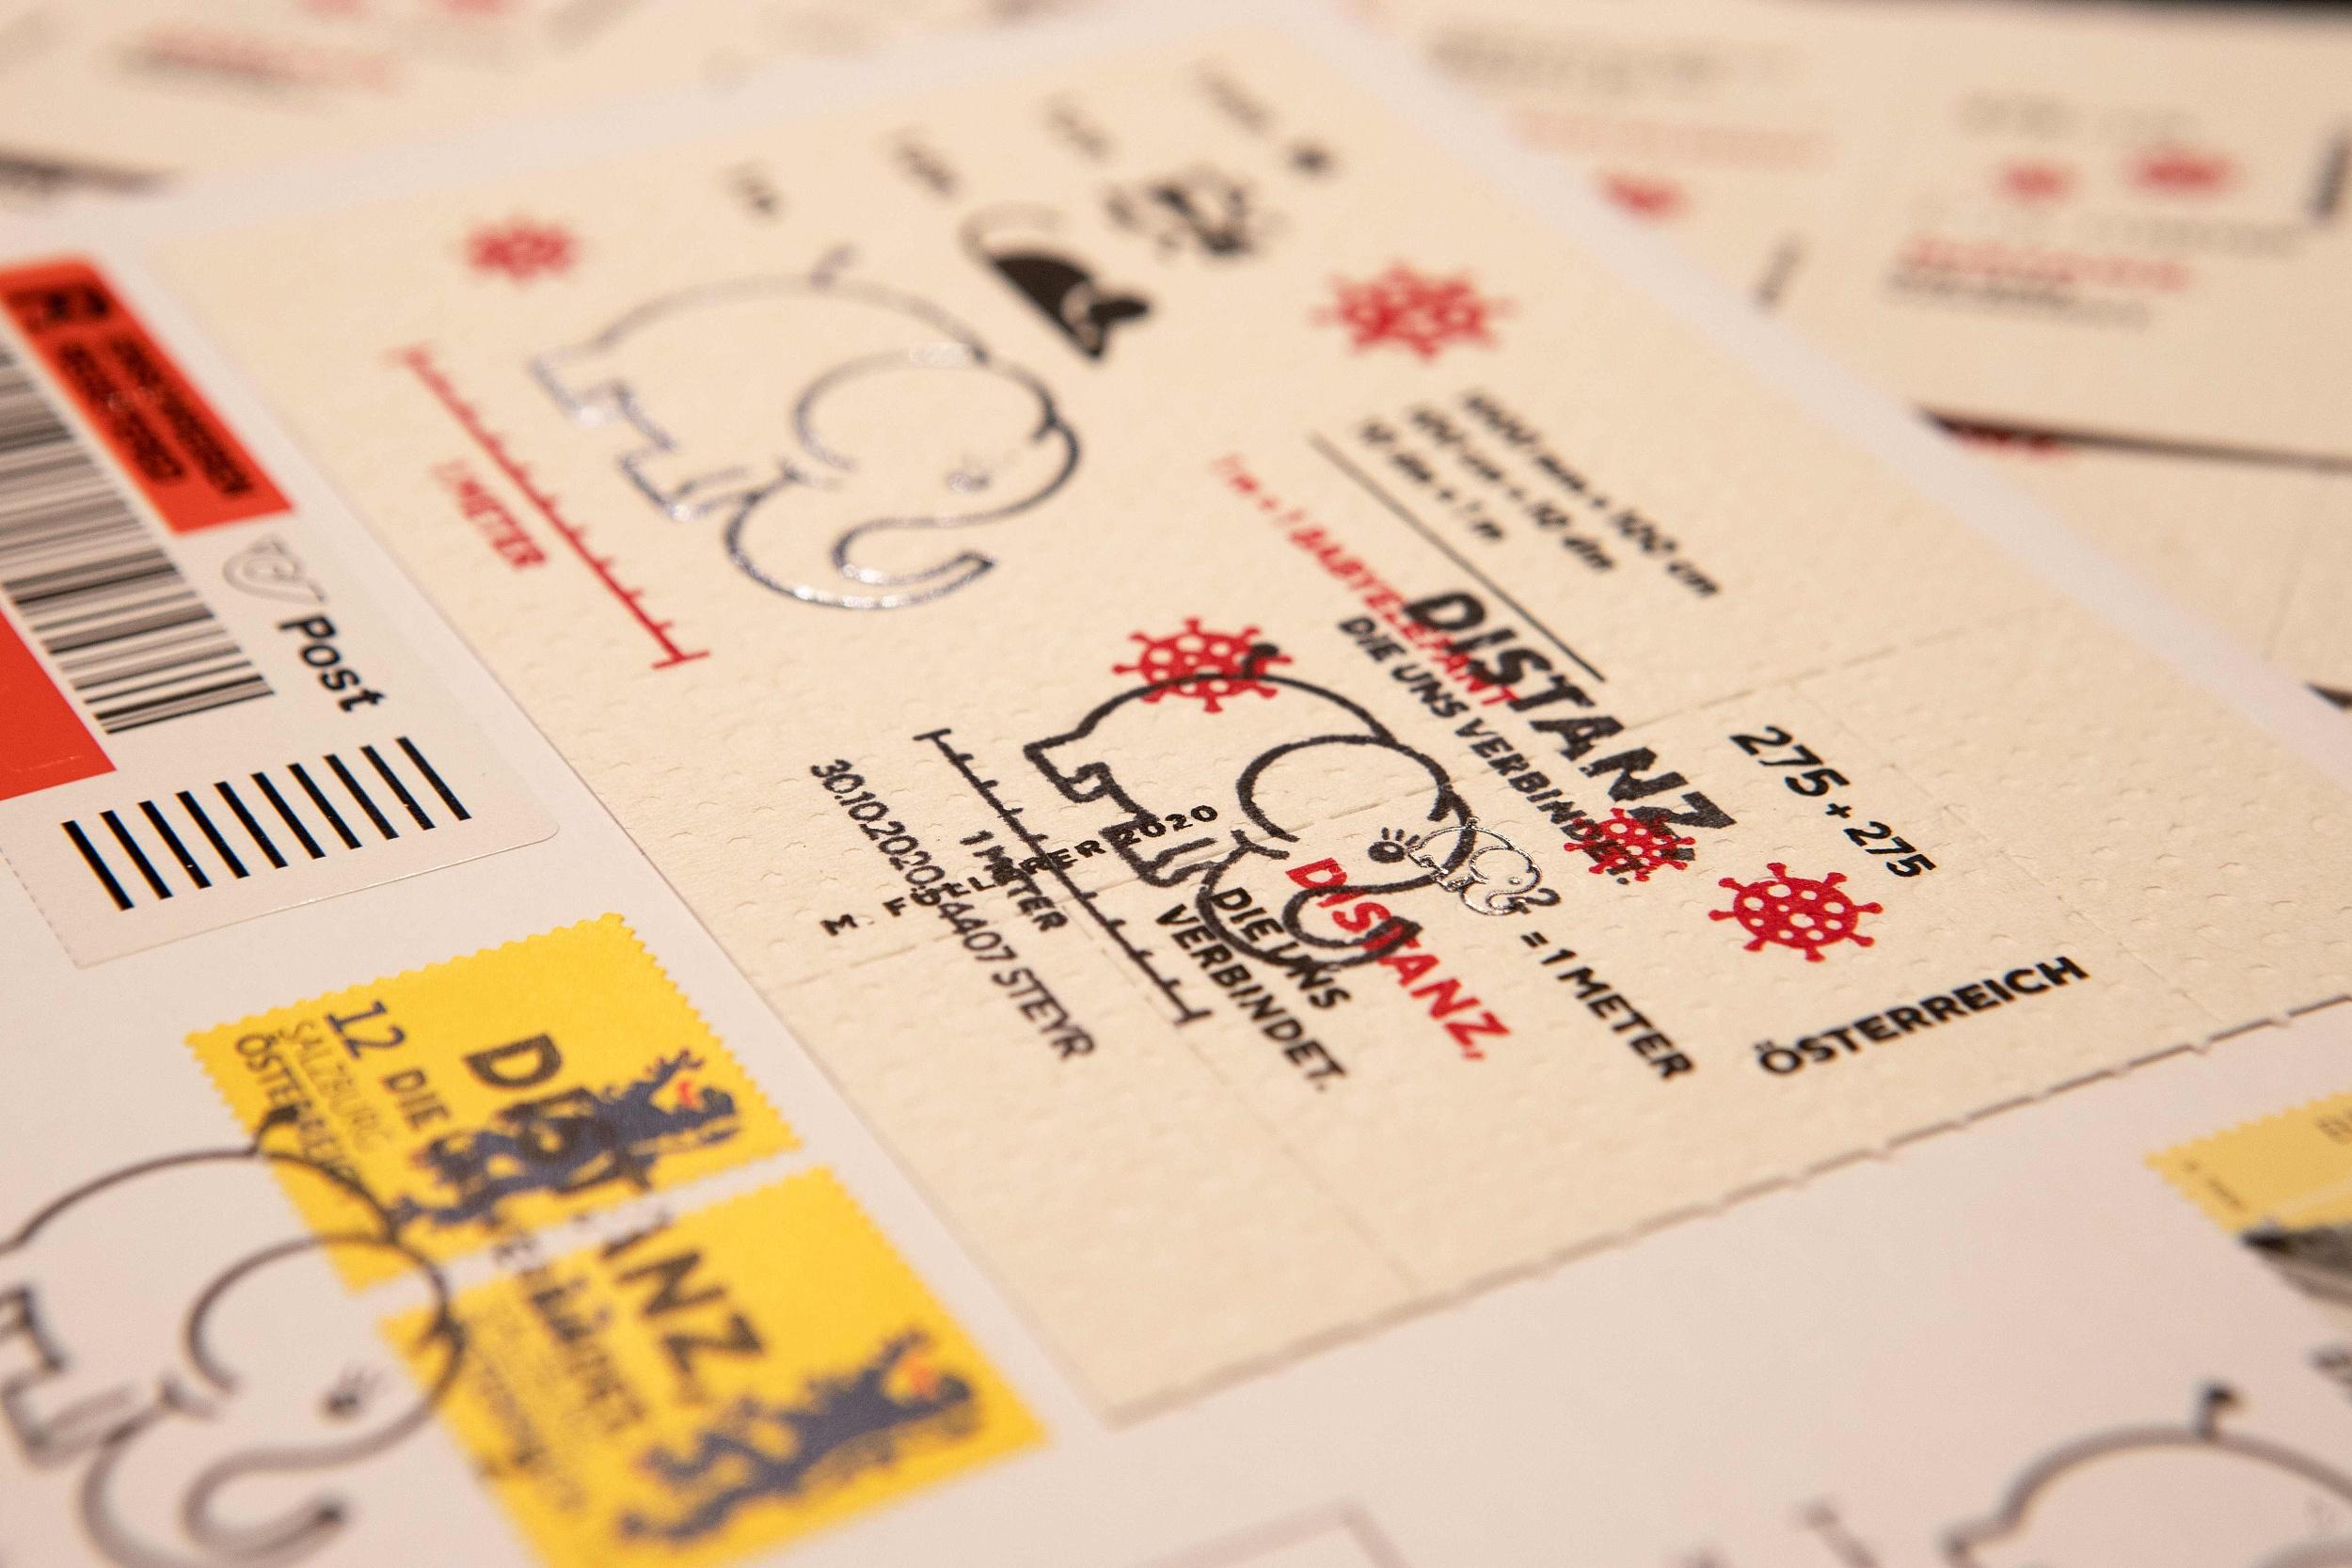 10月28日,奥地利维也纳,一名邮局工作人员展示厕纸新冠病毒(Covid-19)纪念邮票。人民视觉 资料图